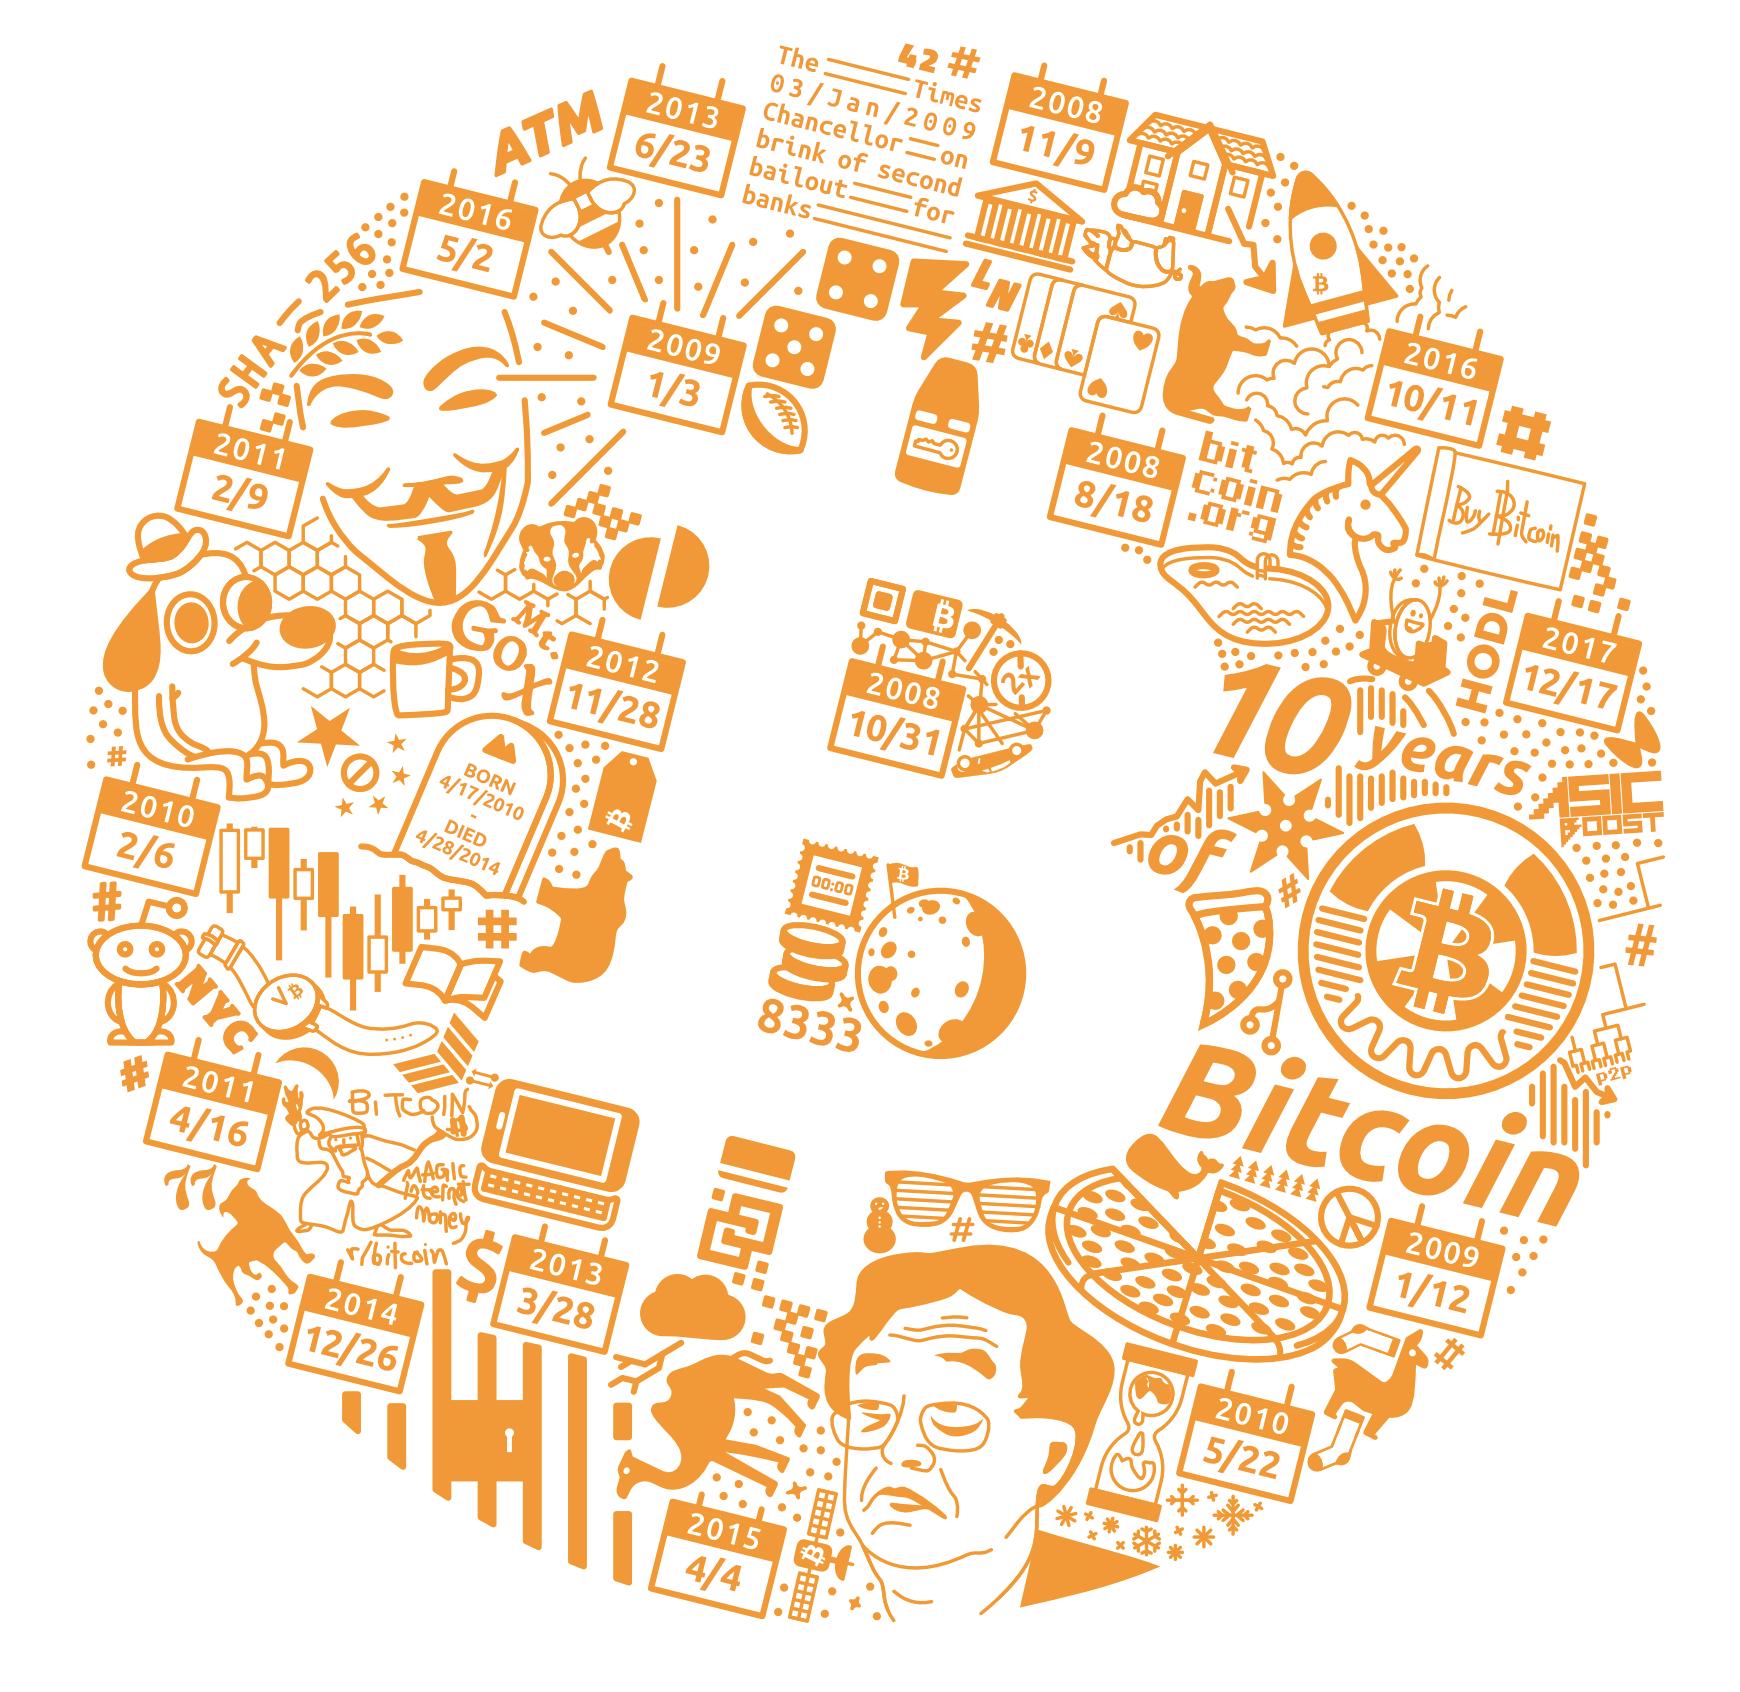 10 Years of Bitcoin t-shirt